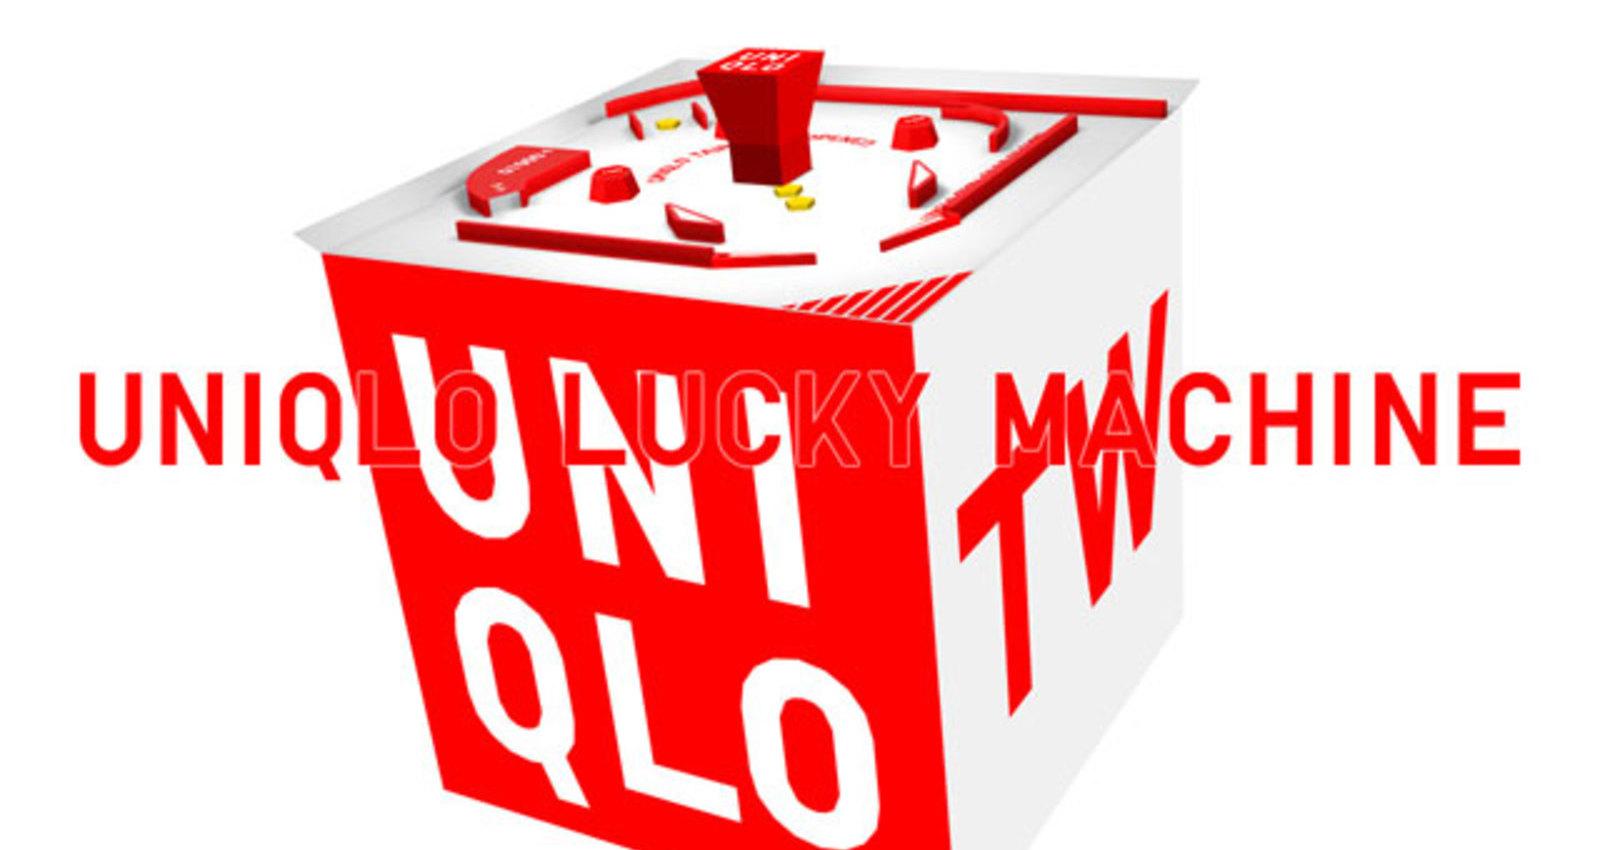 UNIQLO LUCKY MACHINE